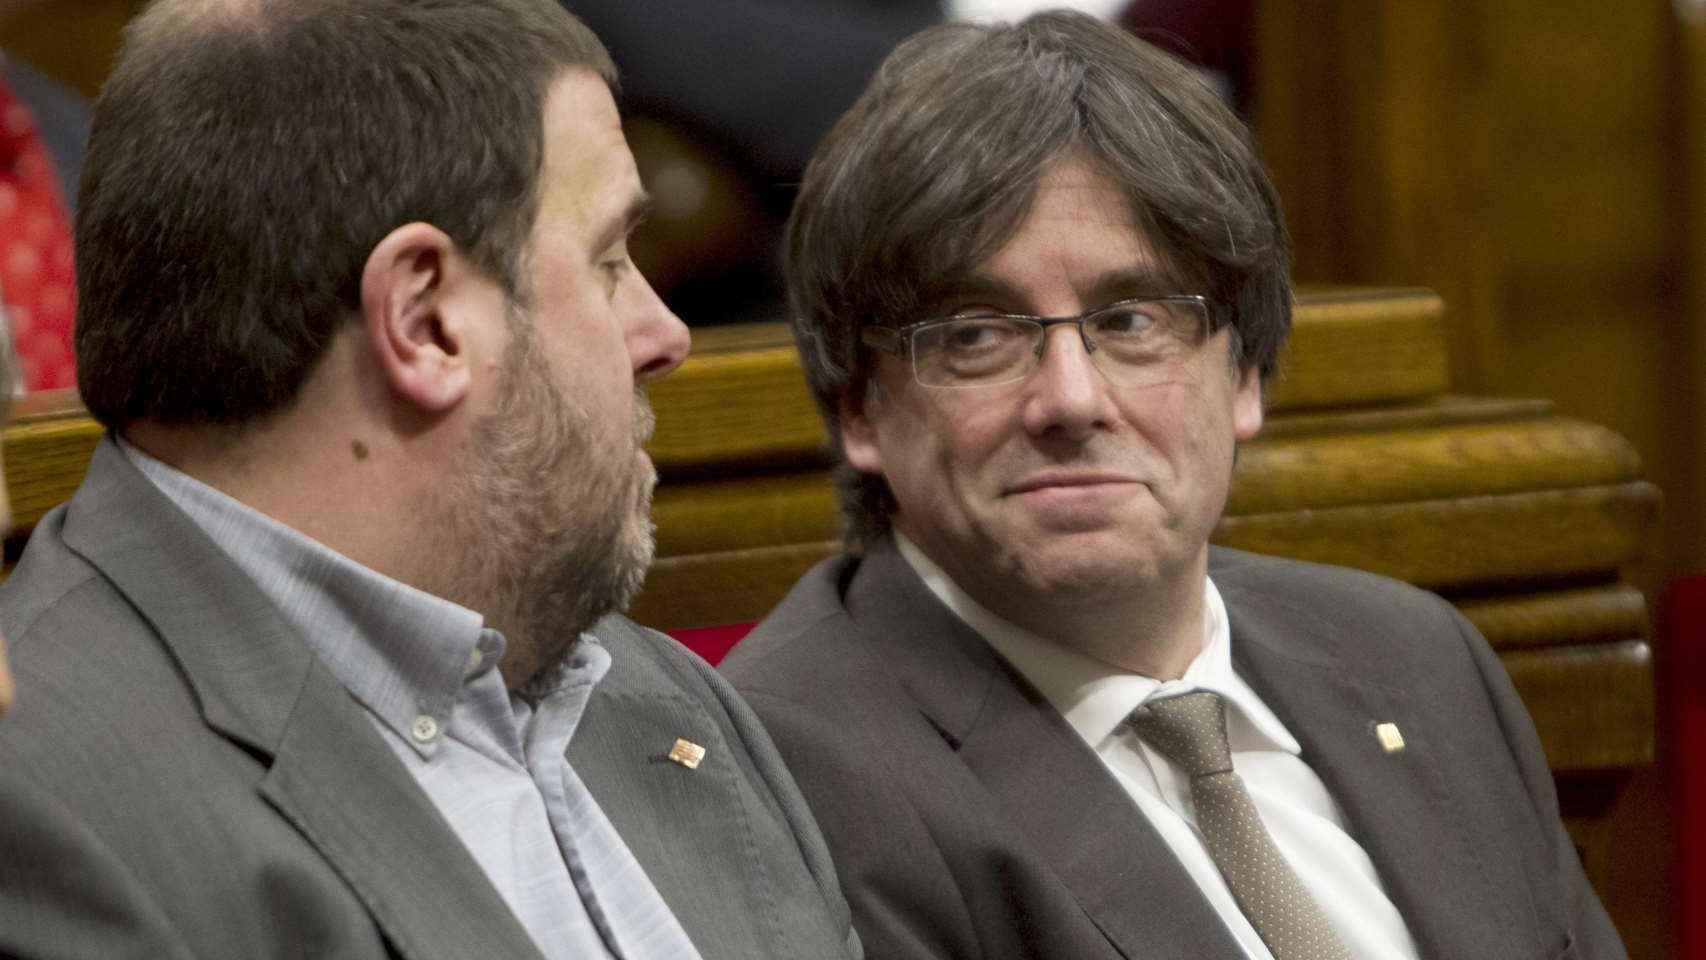 El presidente de la Generalitat, Puigdemont, junto al vicepresidente, Junqueras